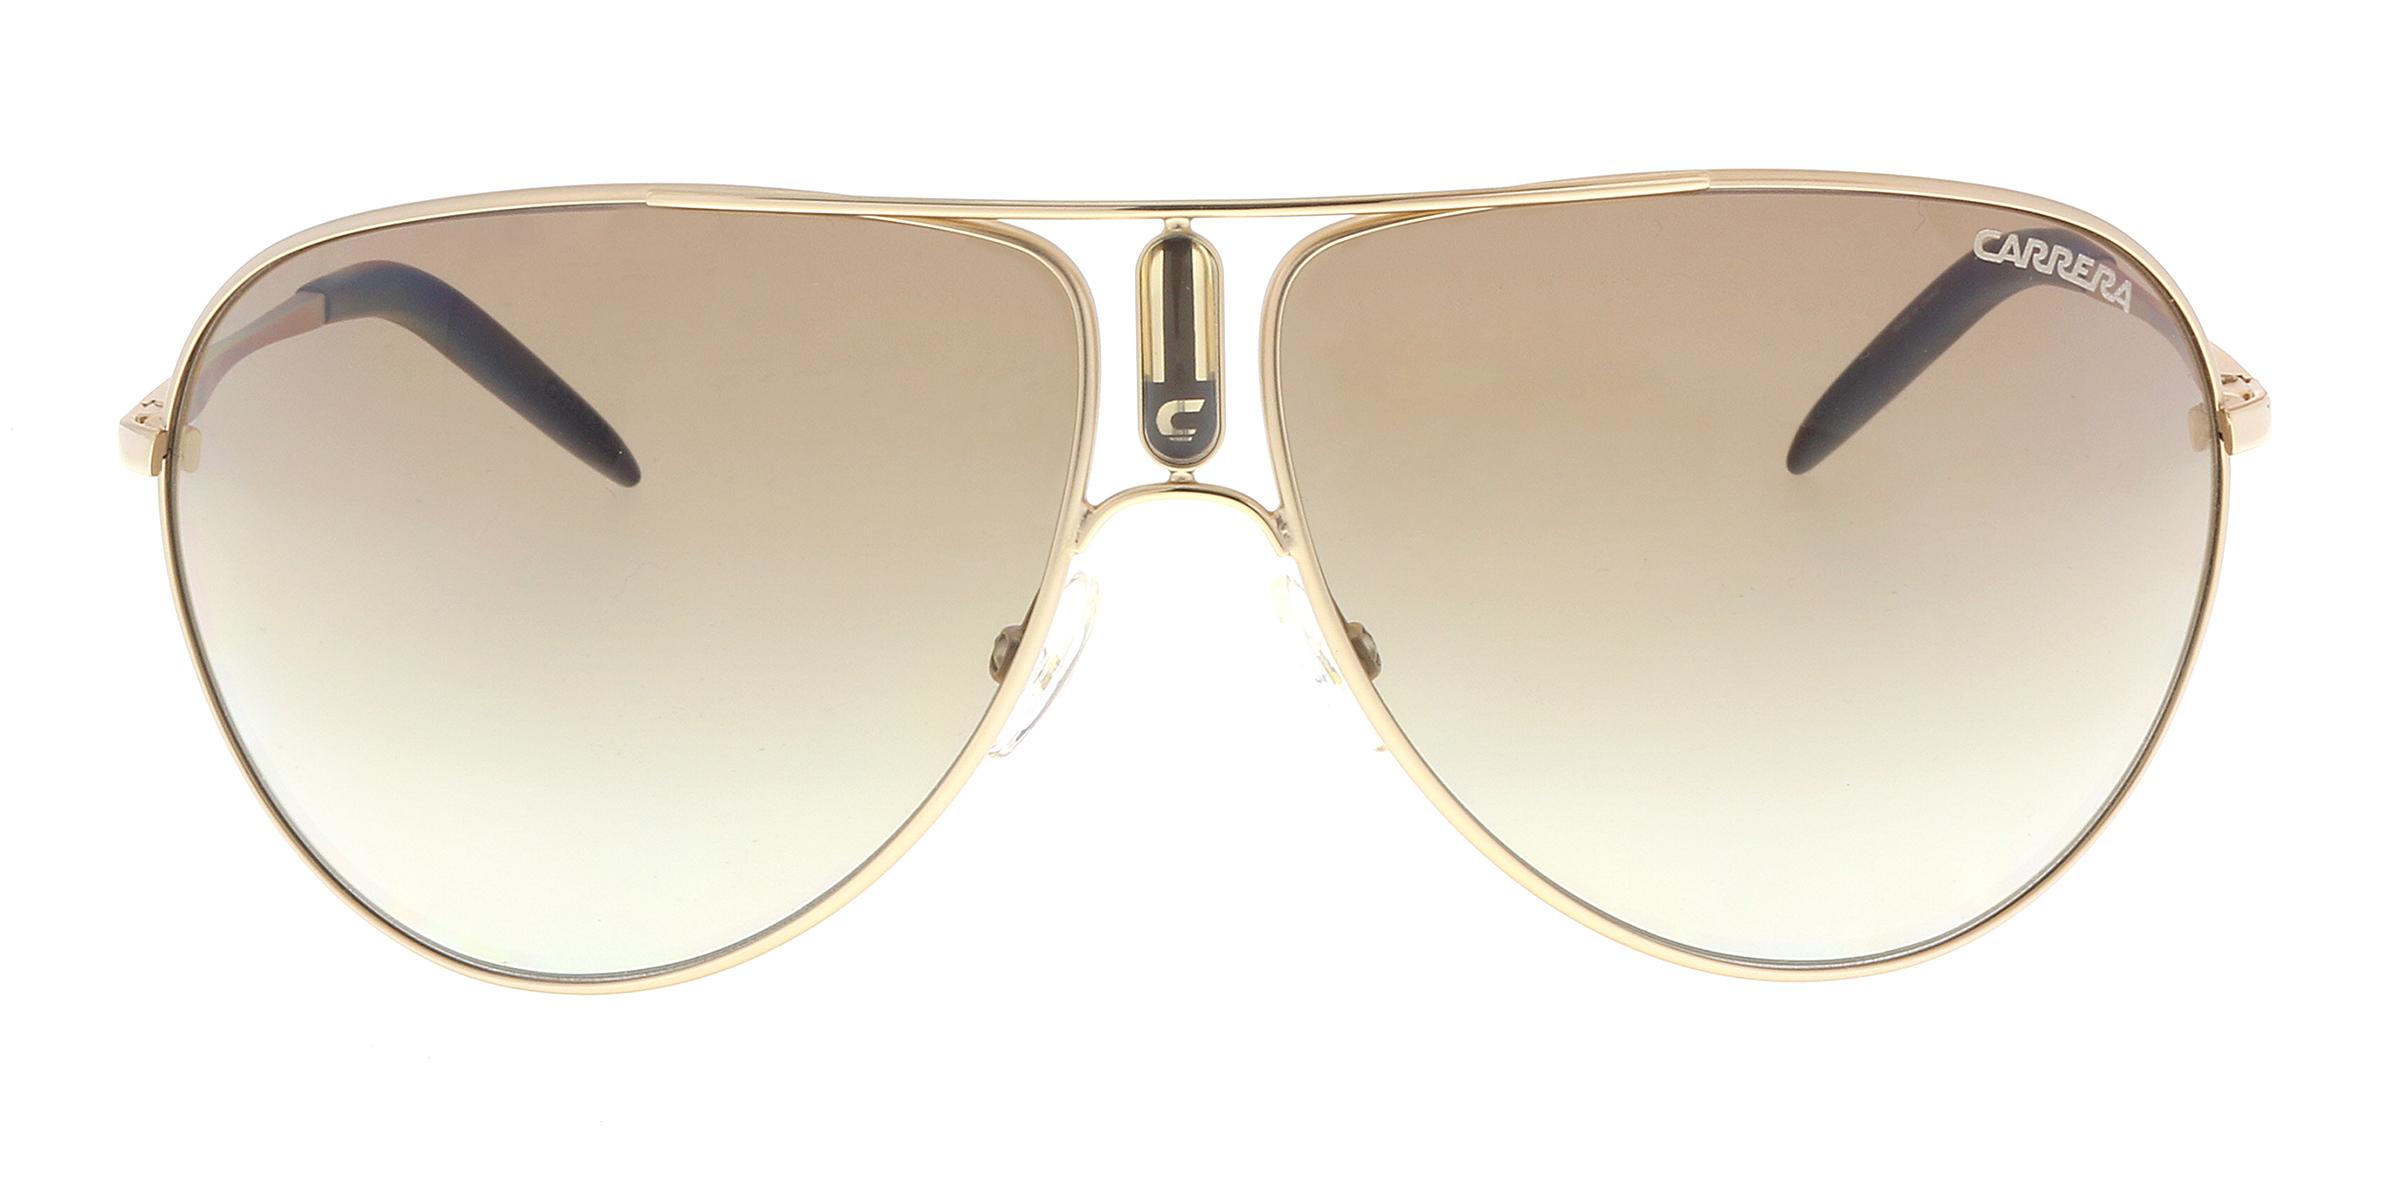 c4ba4078f860 Carrera Gipsy/s 0mwm YY Gold Semi Shiny Aviator Sunglasses for sale ...